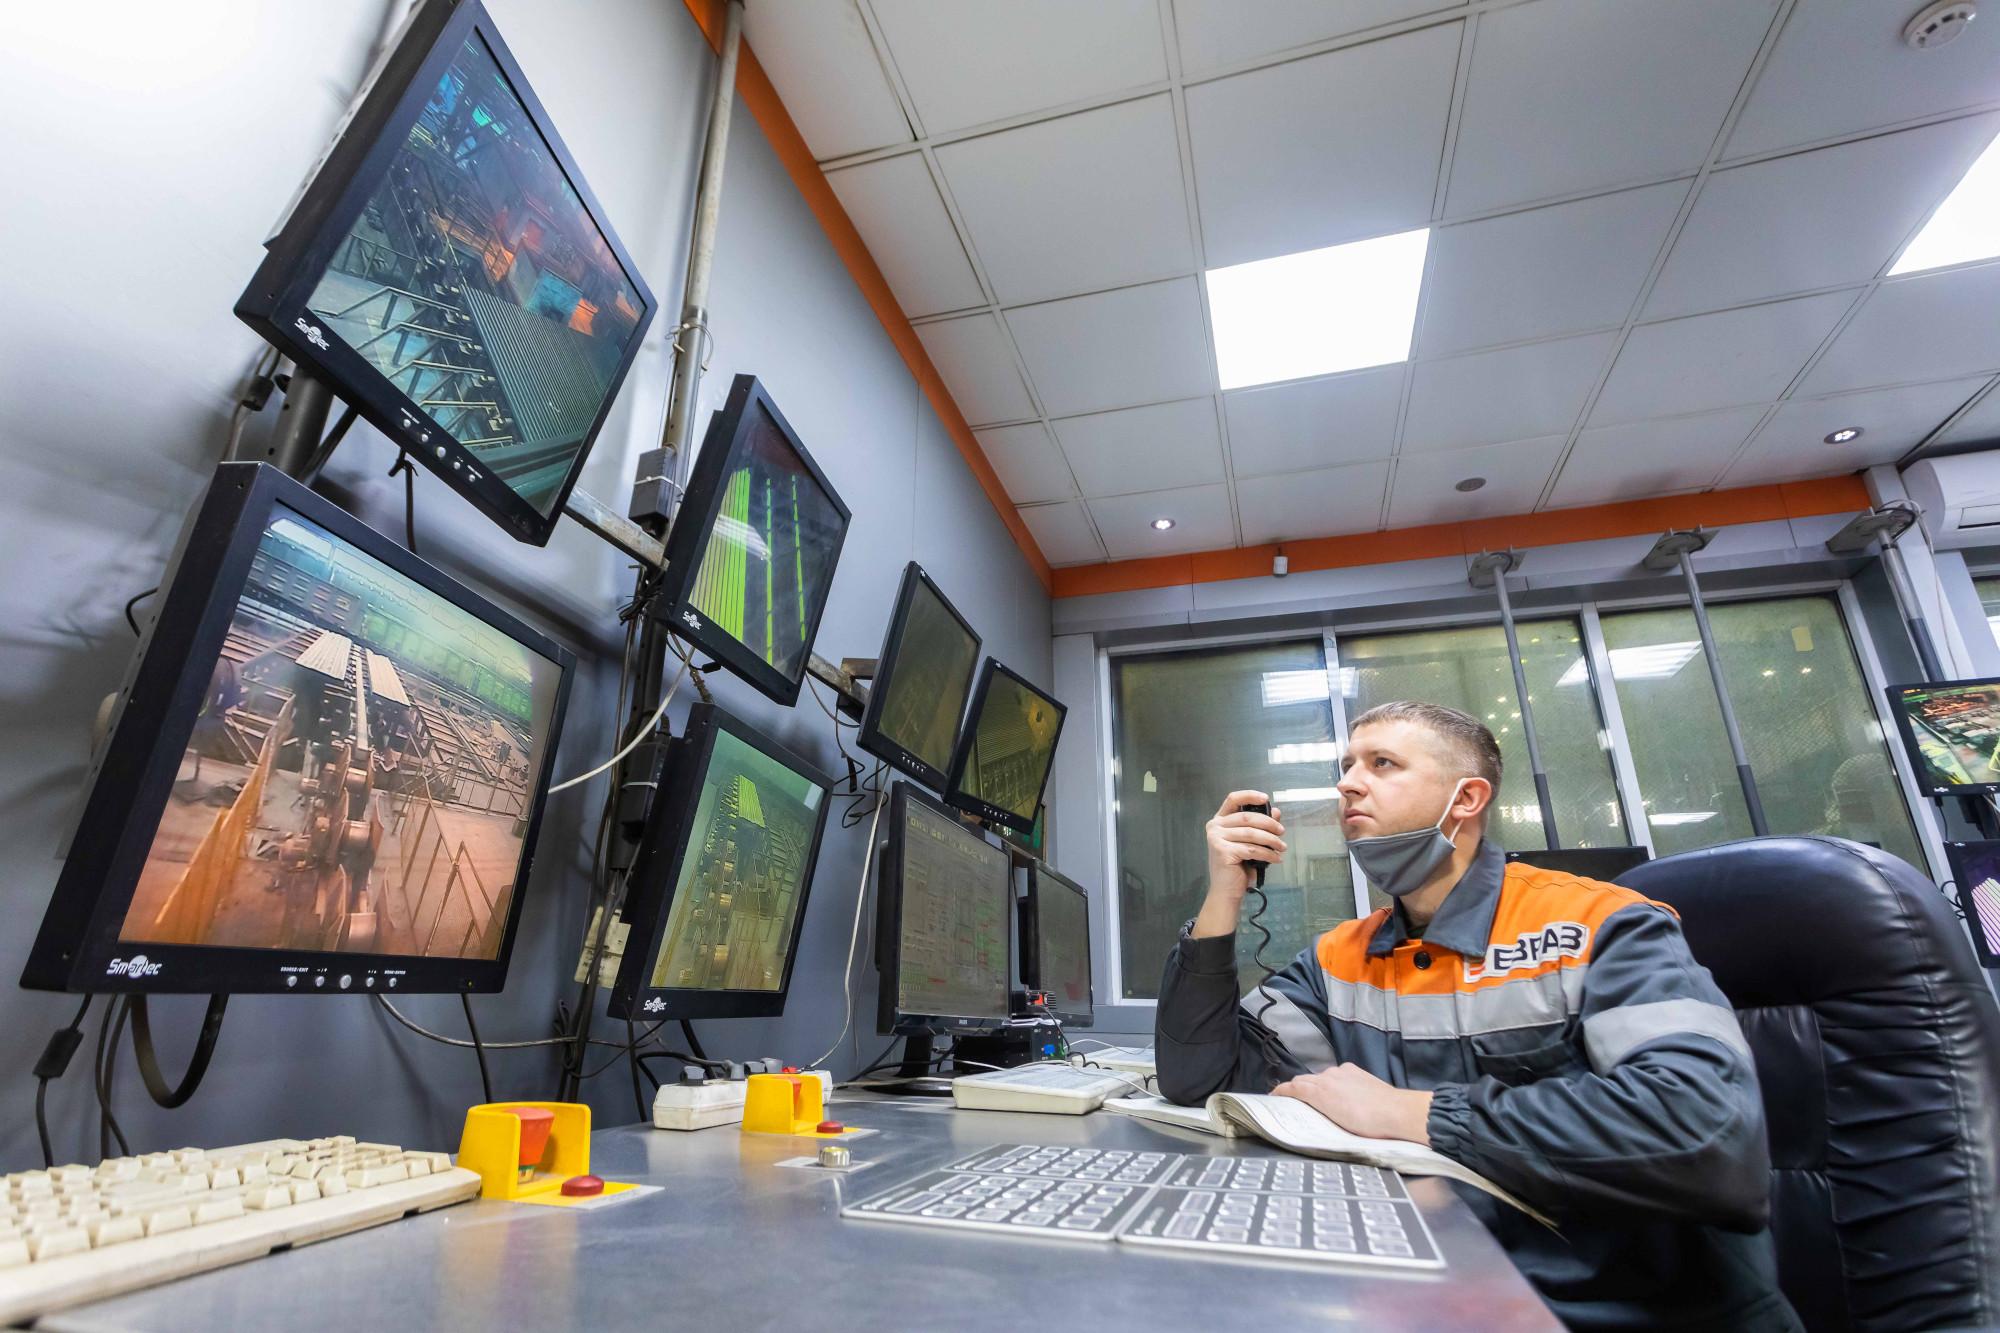 ЕВРАЗ: цифровые решения в промышленности